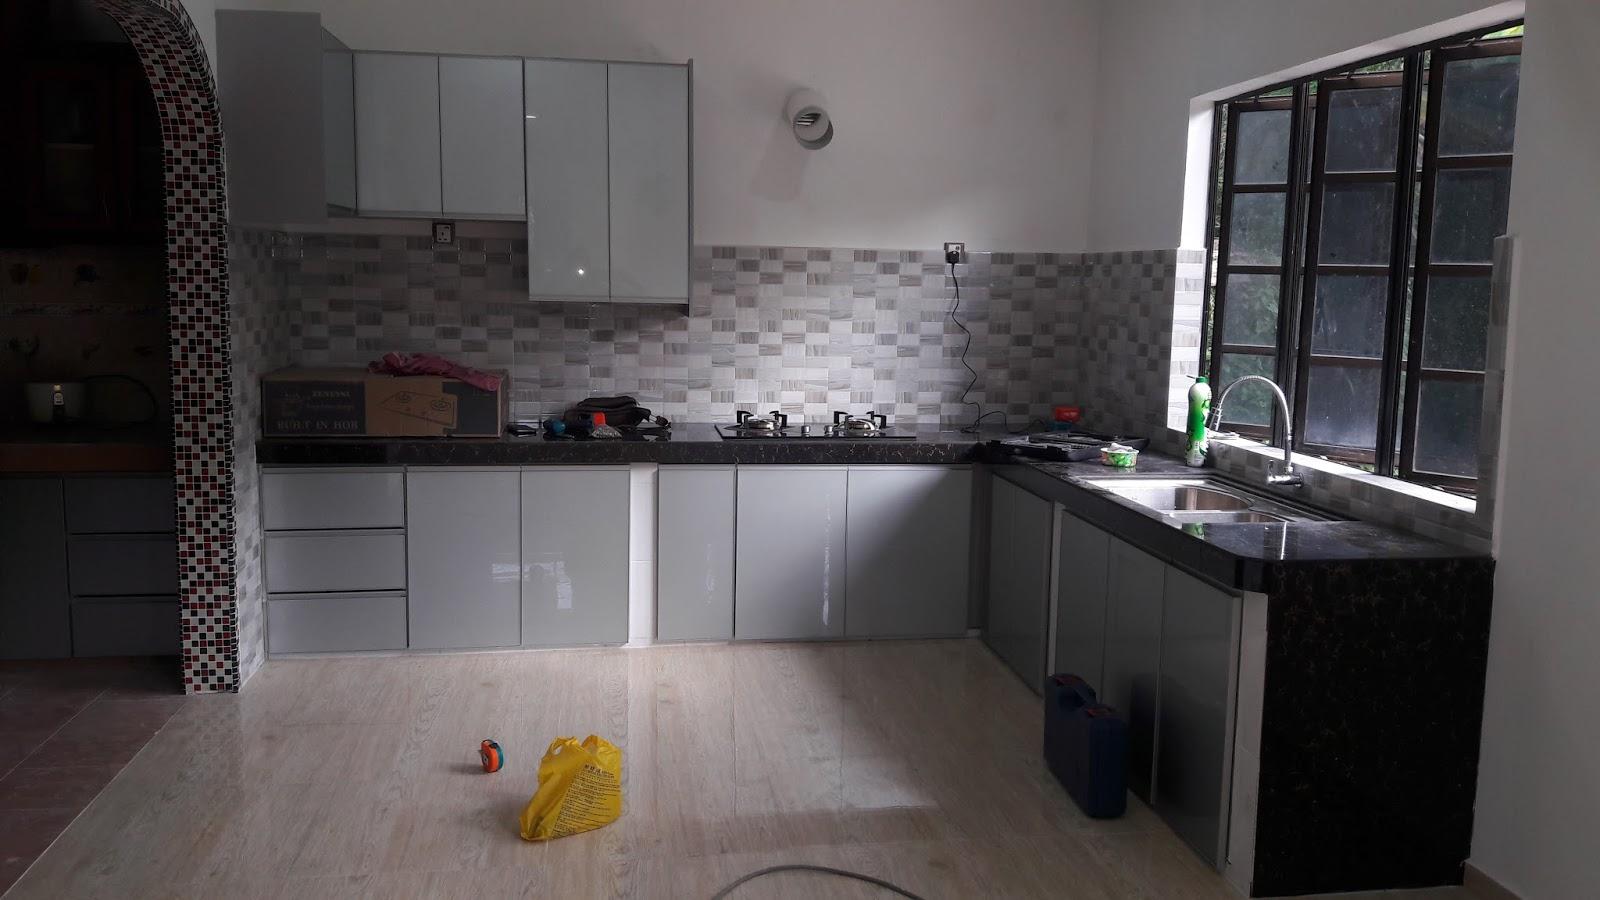 Sememangnya Dapur Rumah En Sulaiman Ni Memang Besar Ye La Lot Banglo Puas Hati Buat Keje Kt Sini